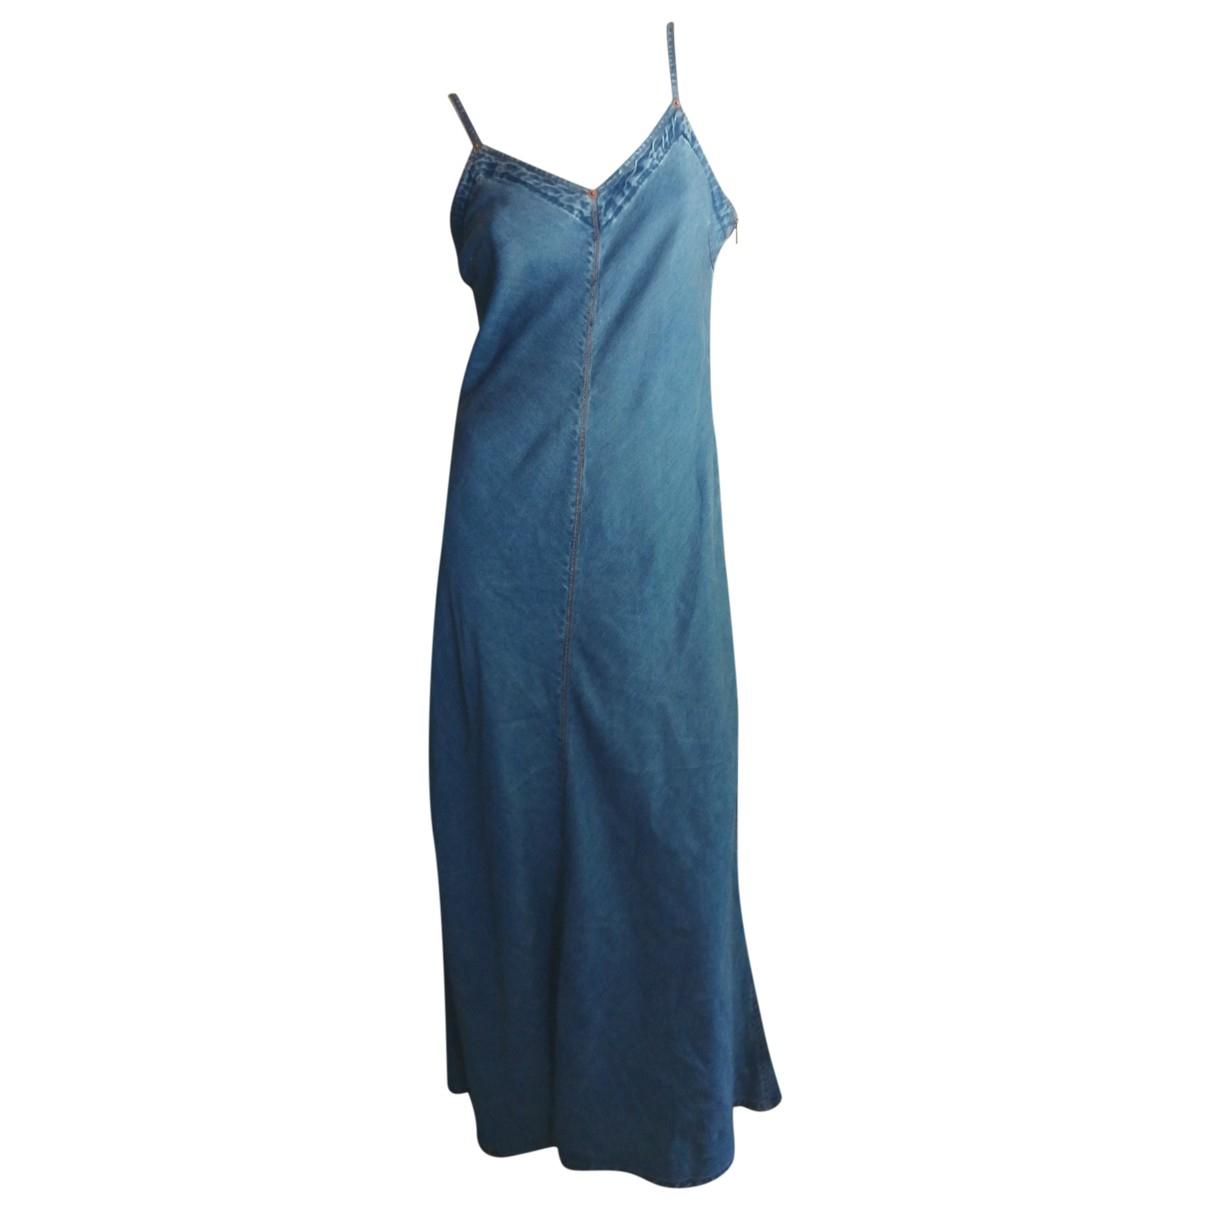 Jean Paul Gaultier - Robe   pour femme en denim - bleu